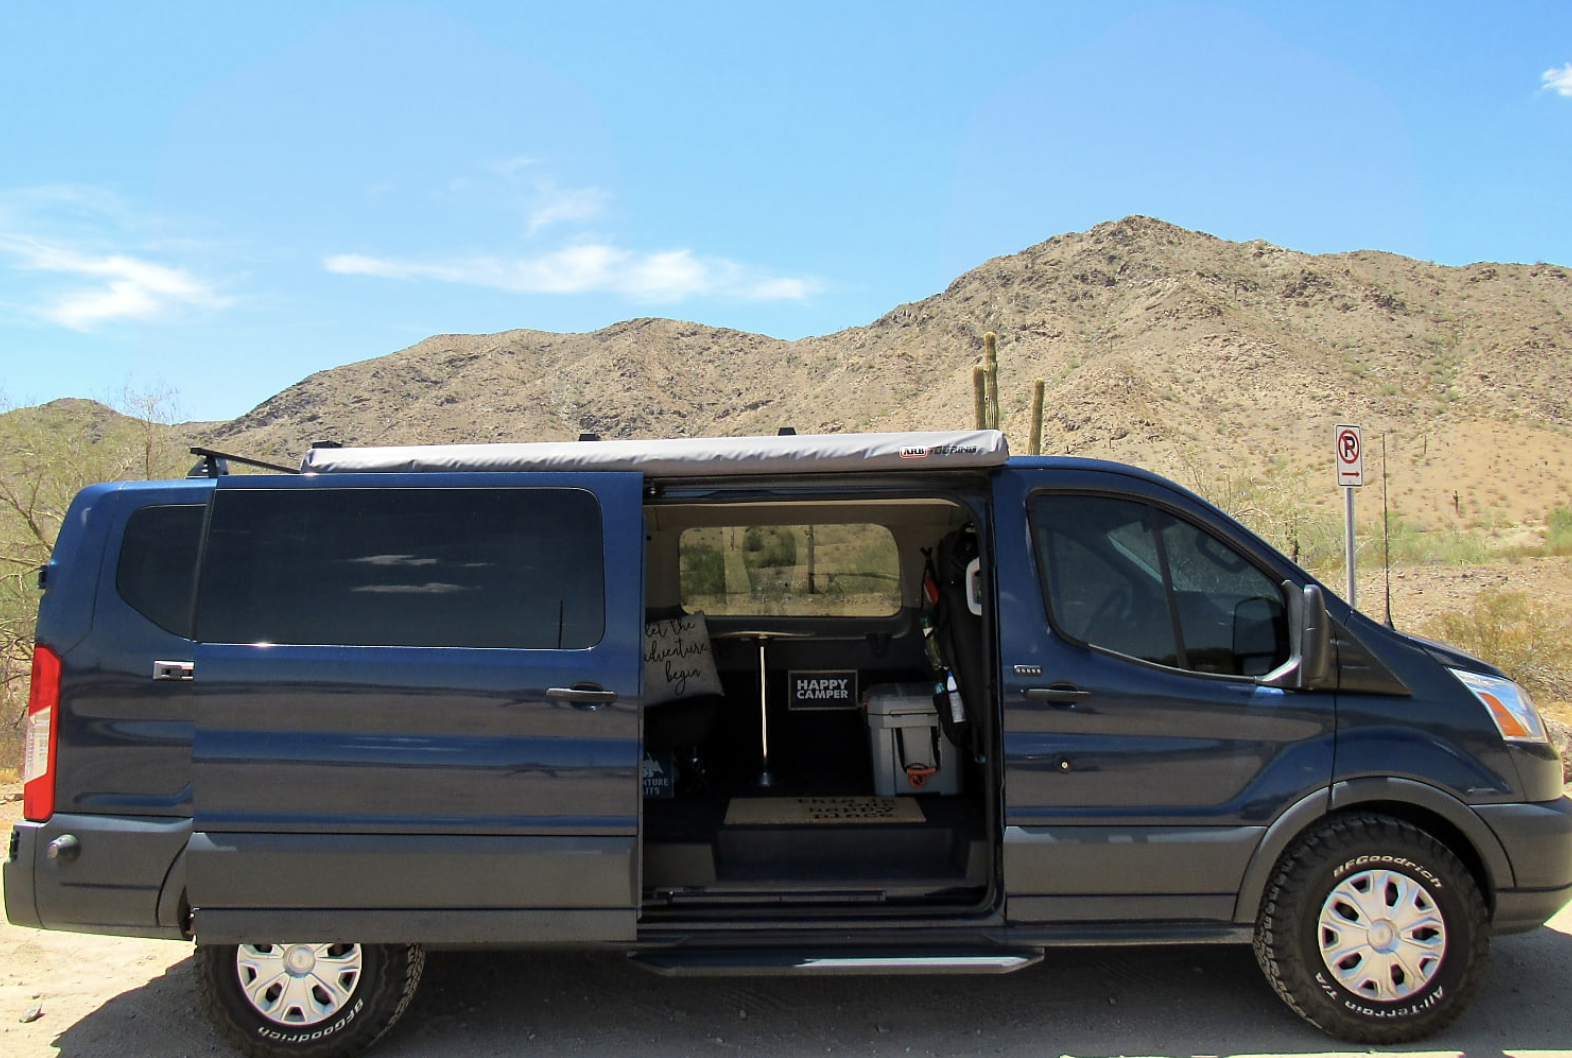 The Big Blue Adventure Van